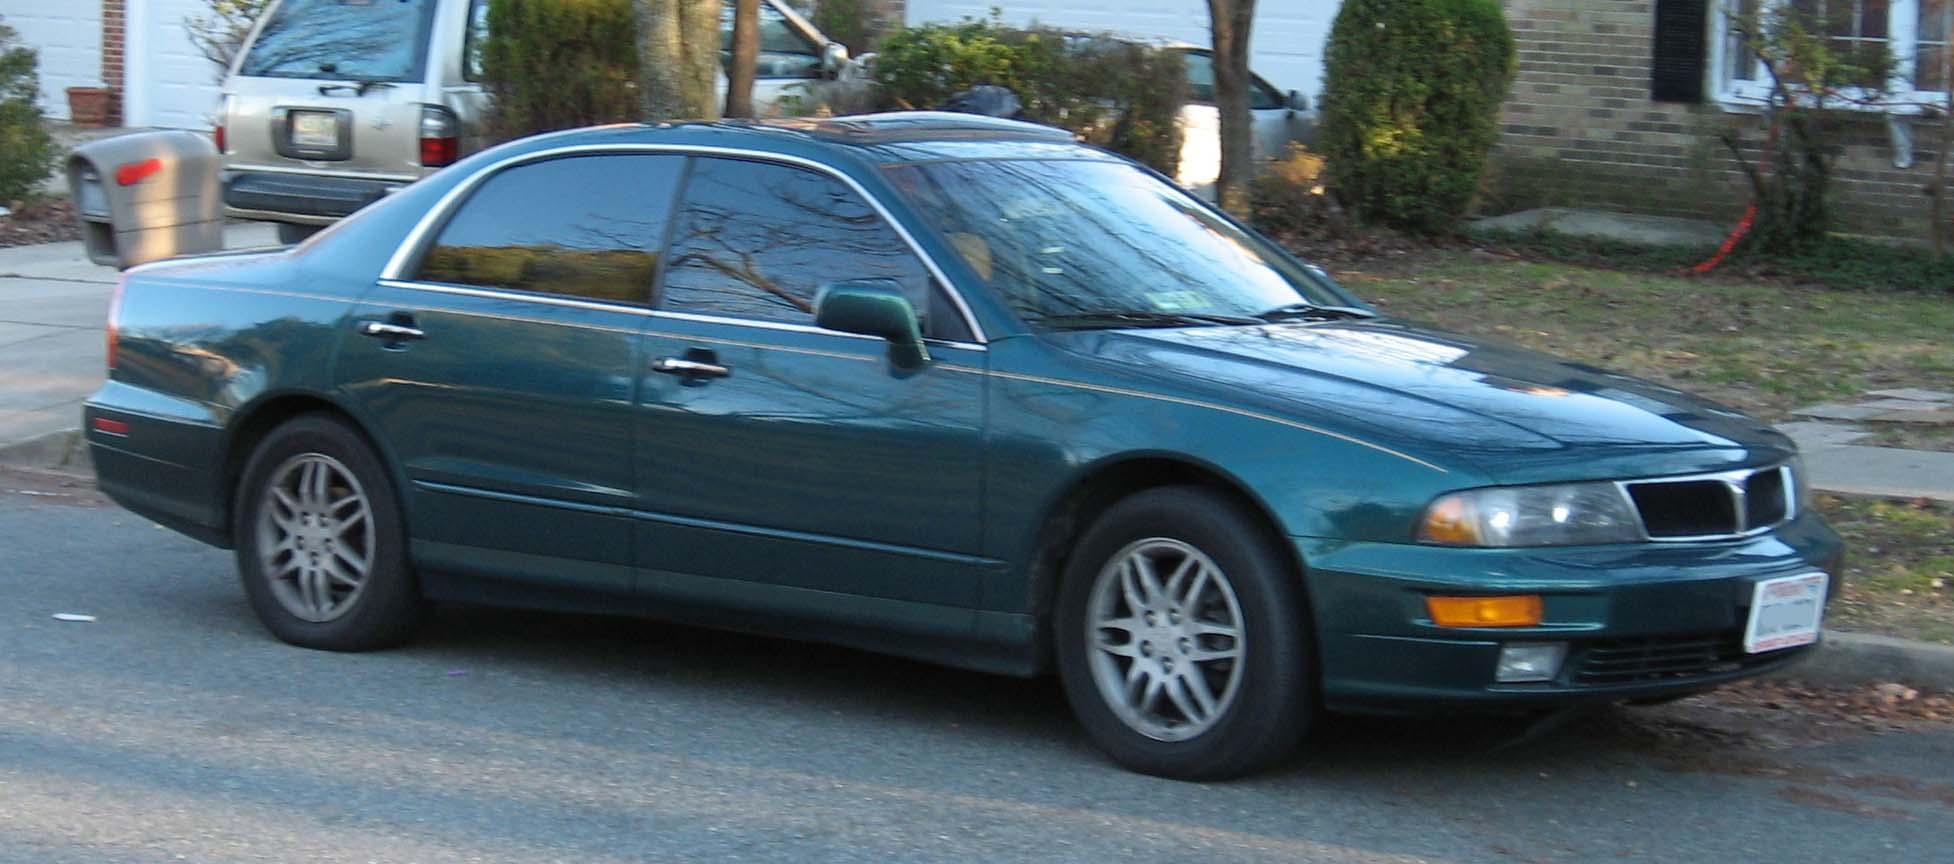 Mitsubishi Diamante I 1990 - 1997 Station wagon 5 door #1